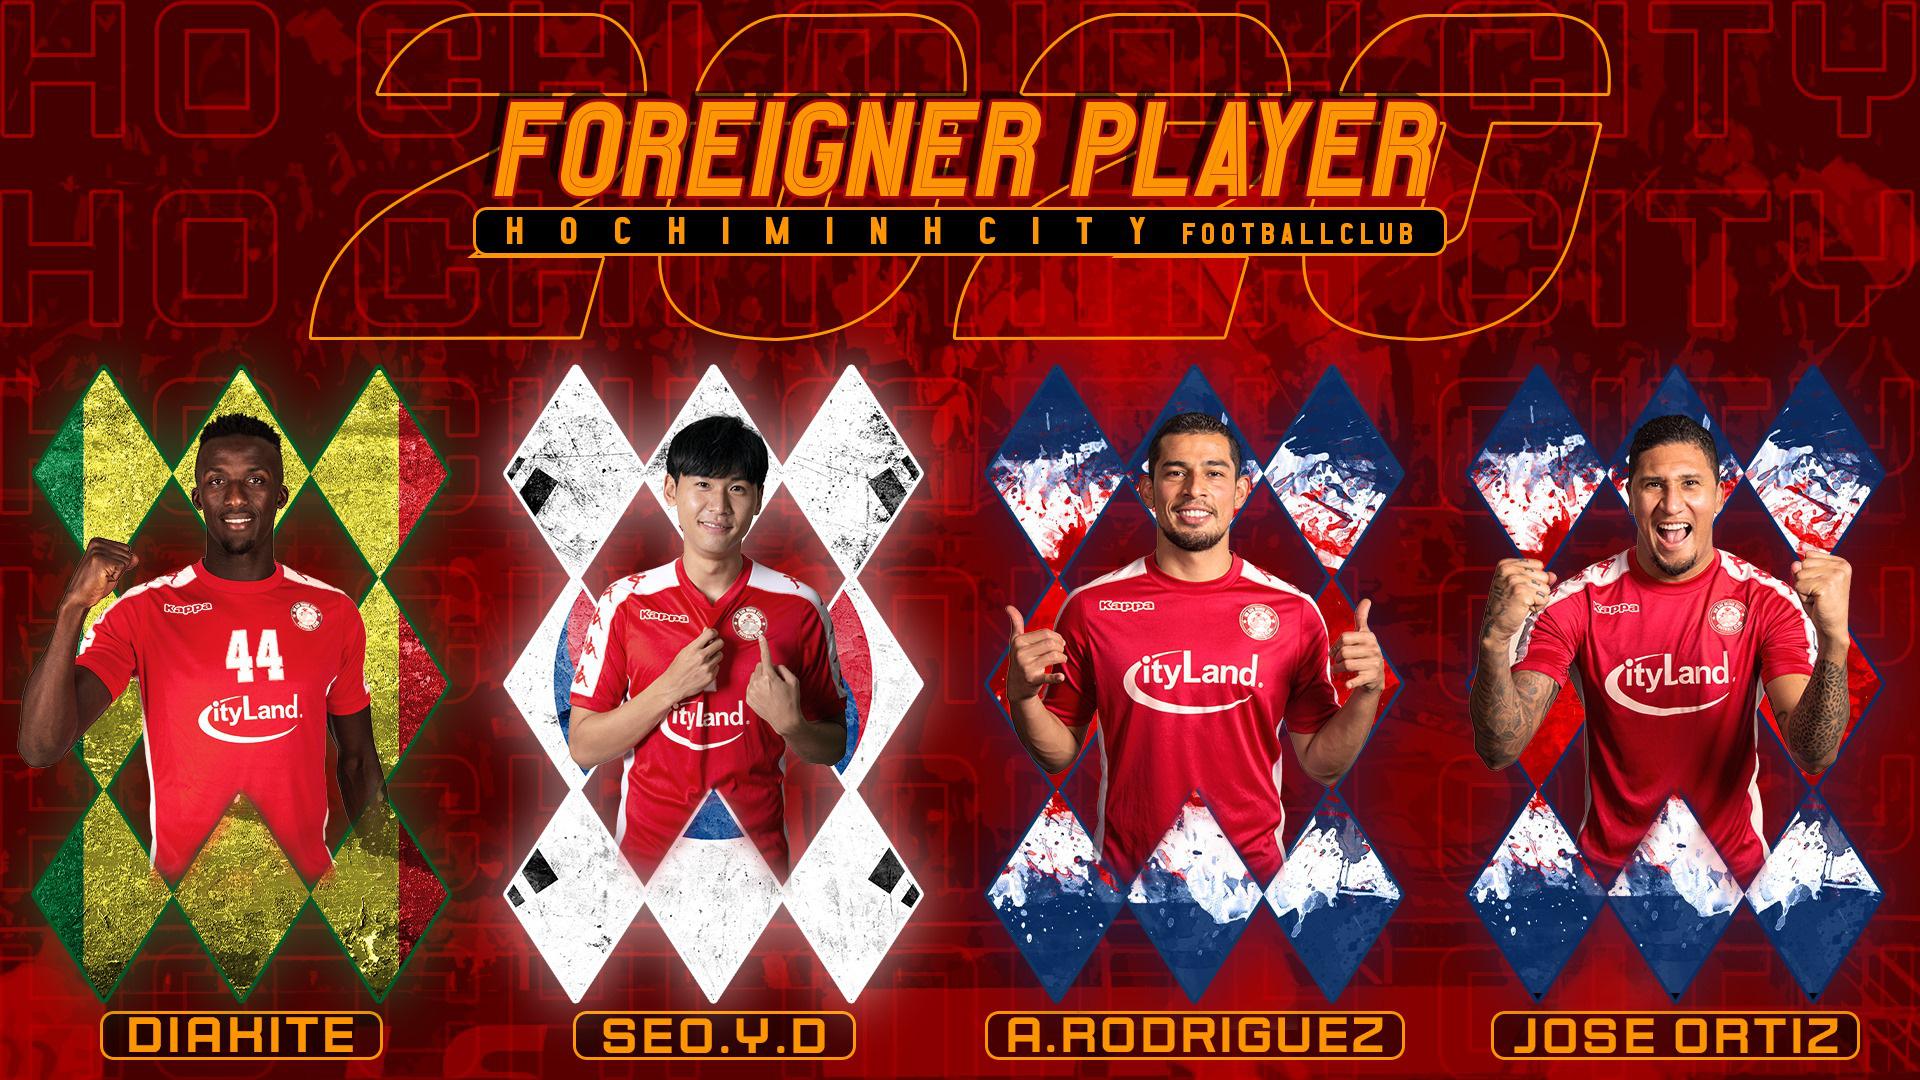 CLB TP.HCM đừng vội khóc vì vắng Công Phượng, Huy Toàn bởi Hà Nội FC còn mất nhiều hơn  - Ảnh 3.